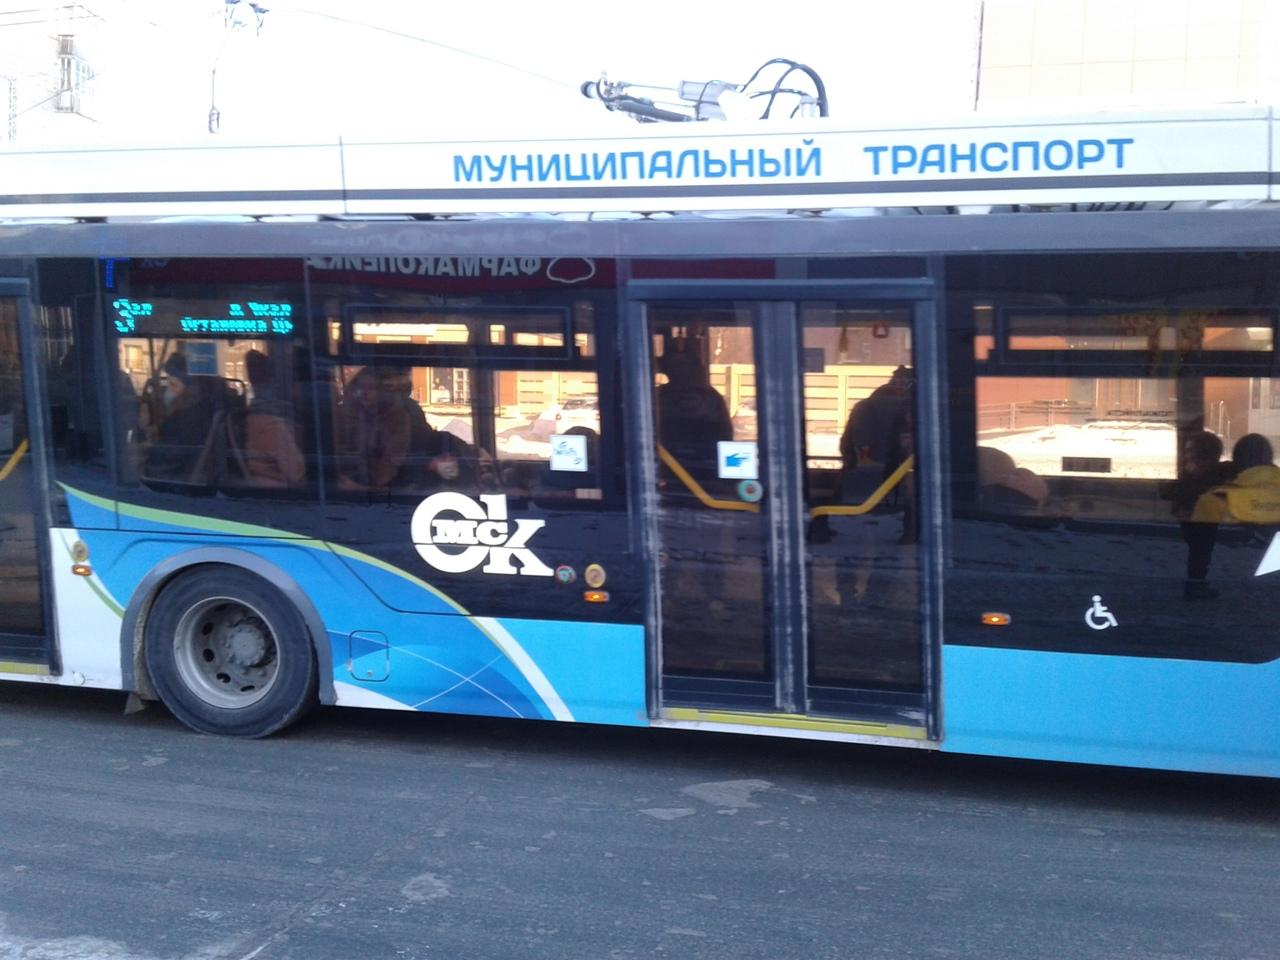 Новые «Адмиралы» скоро выйдут на маршруты в Омске #Новости #Общество #Омск